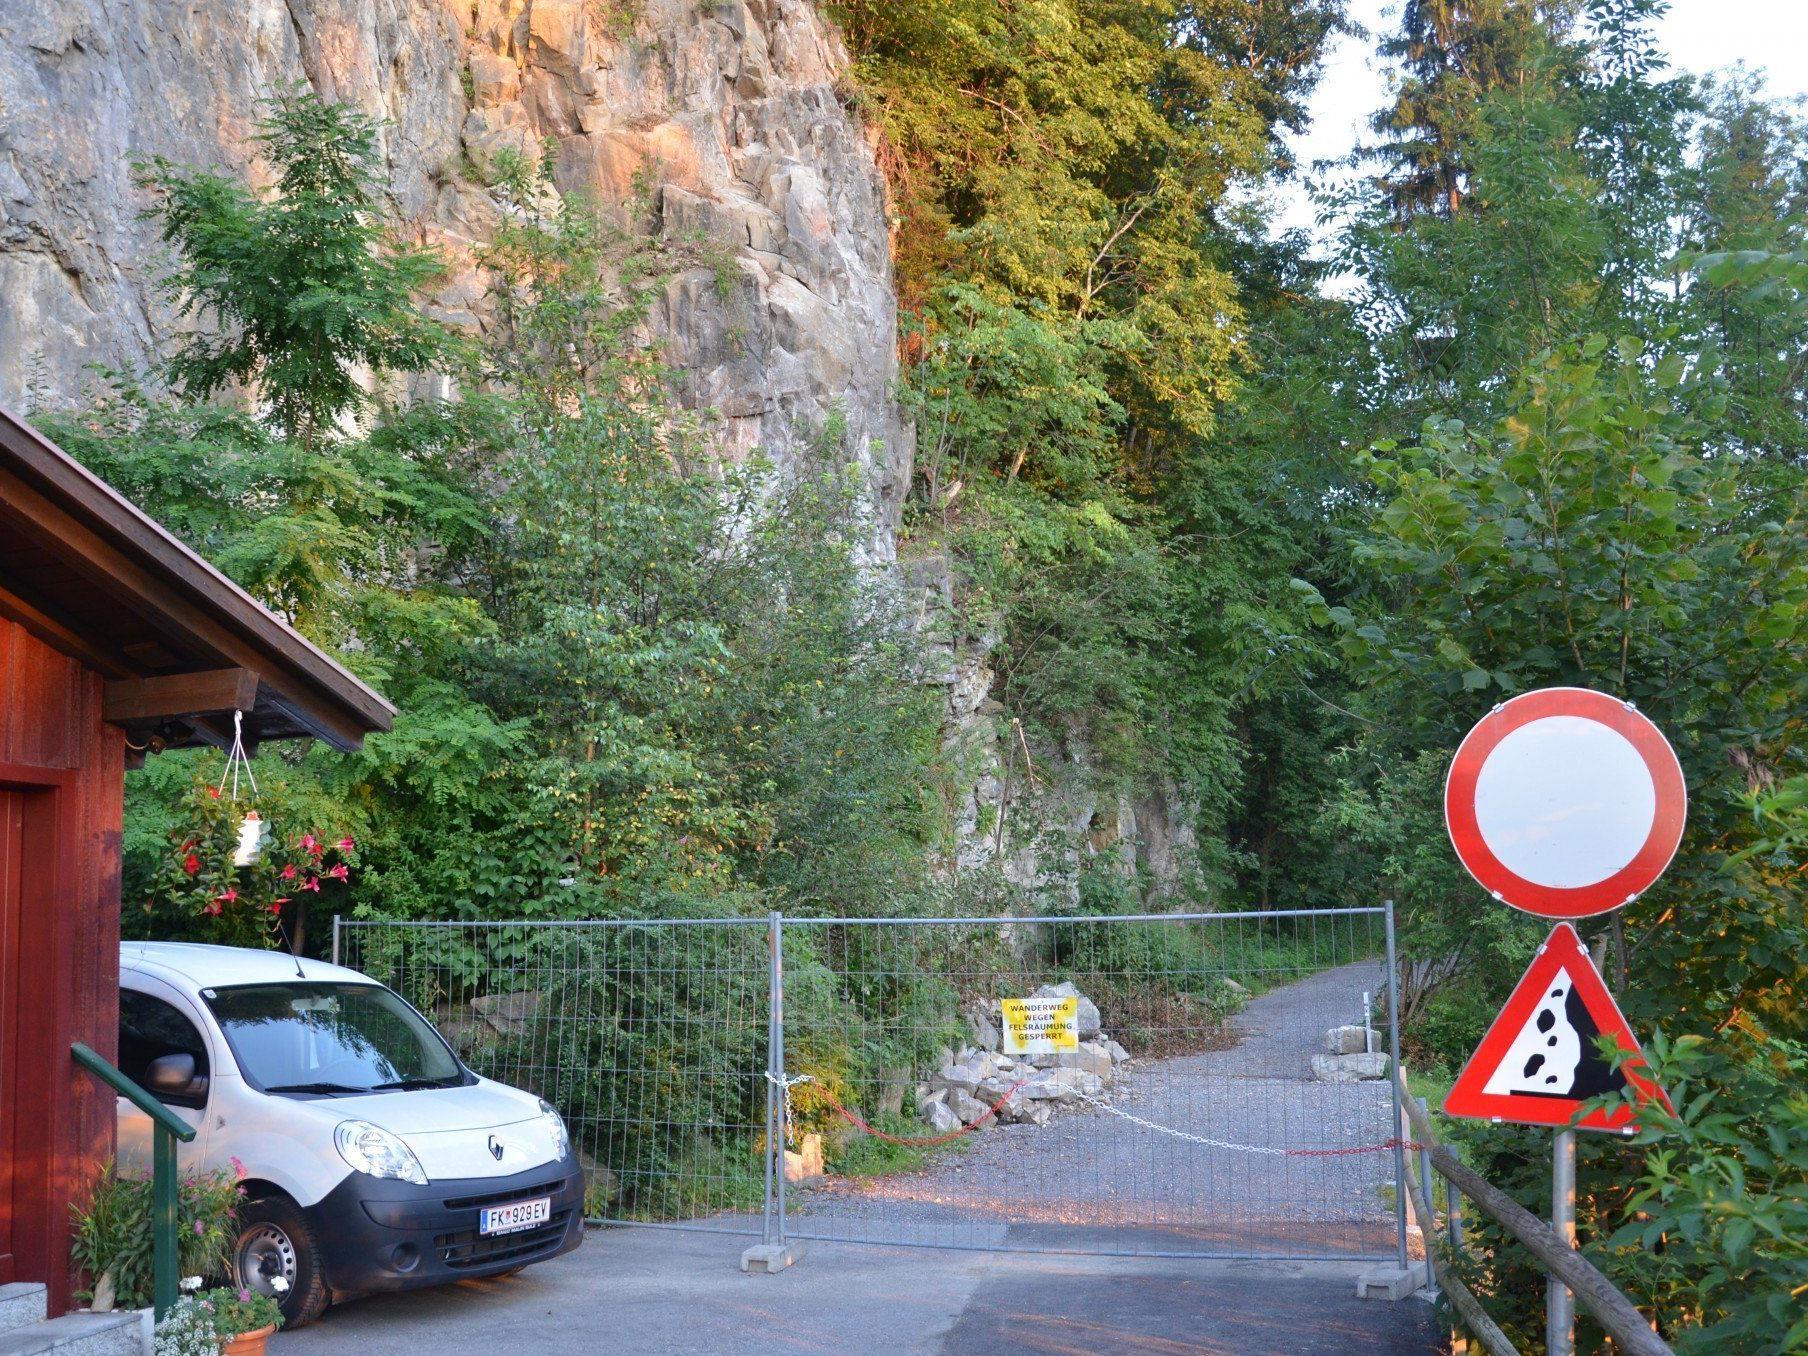 Der Wanderweg Richtung Schießstand ist wegen Steinschlag komplett gesperrt.